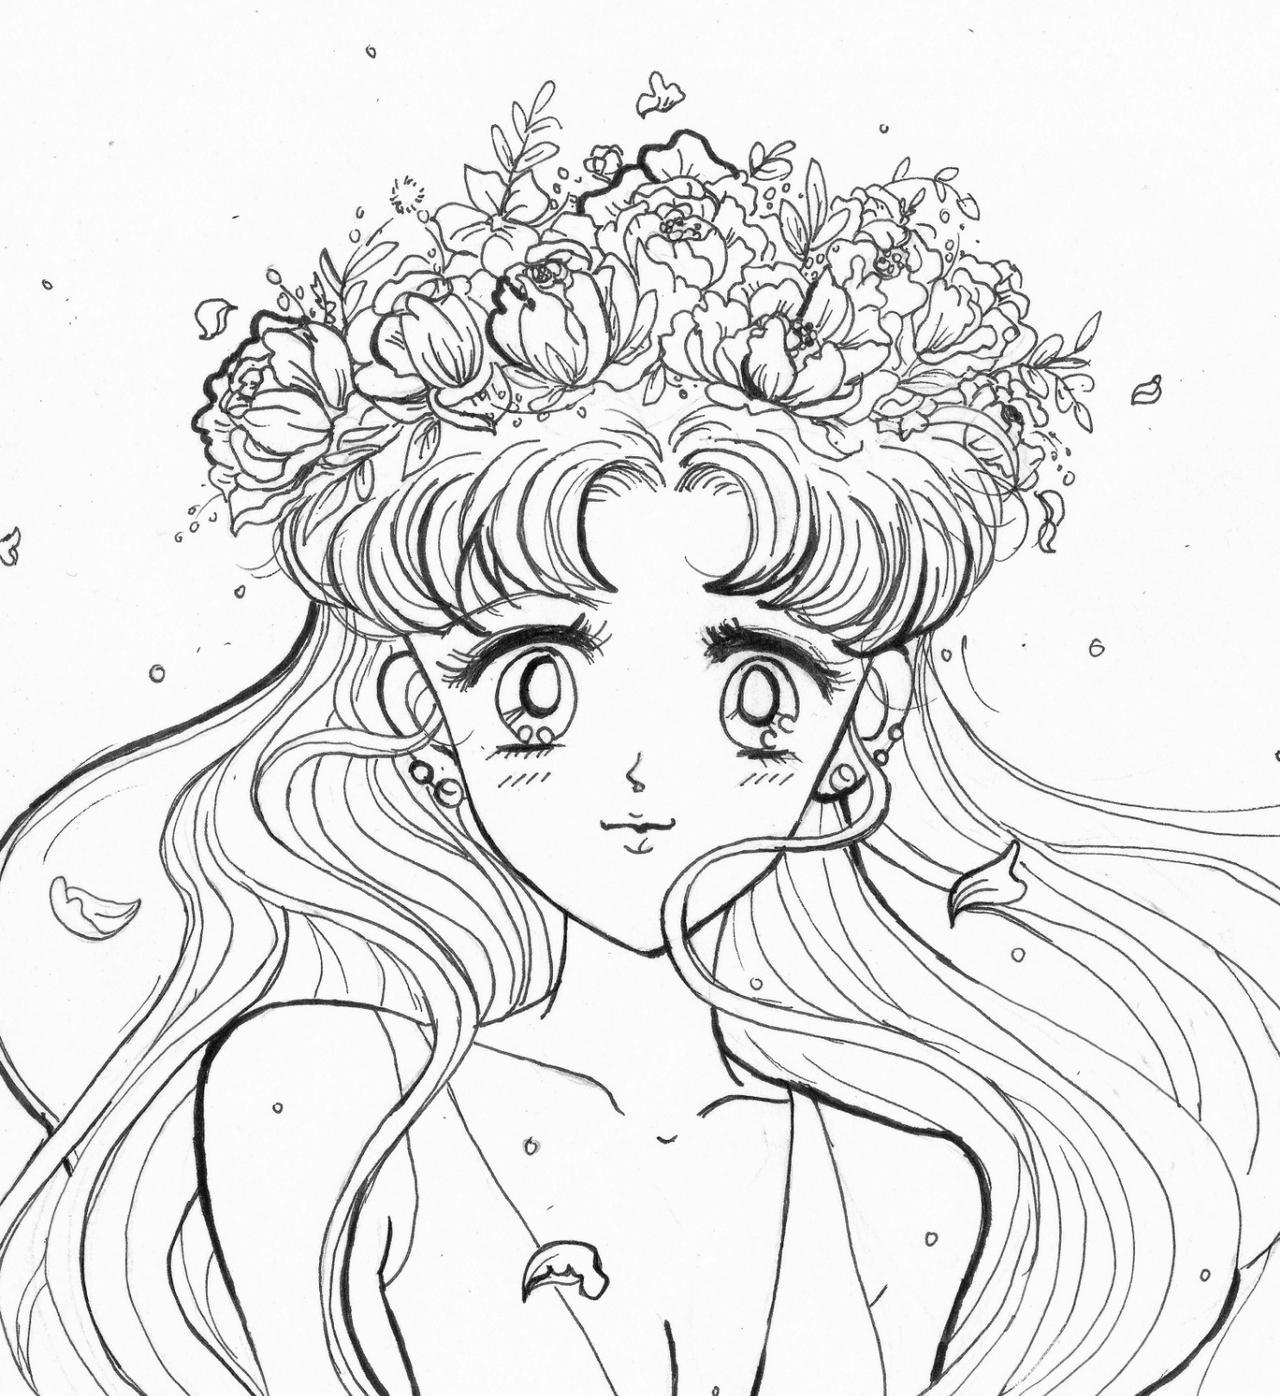 Manga können Interesse für Kunst wecken